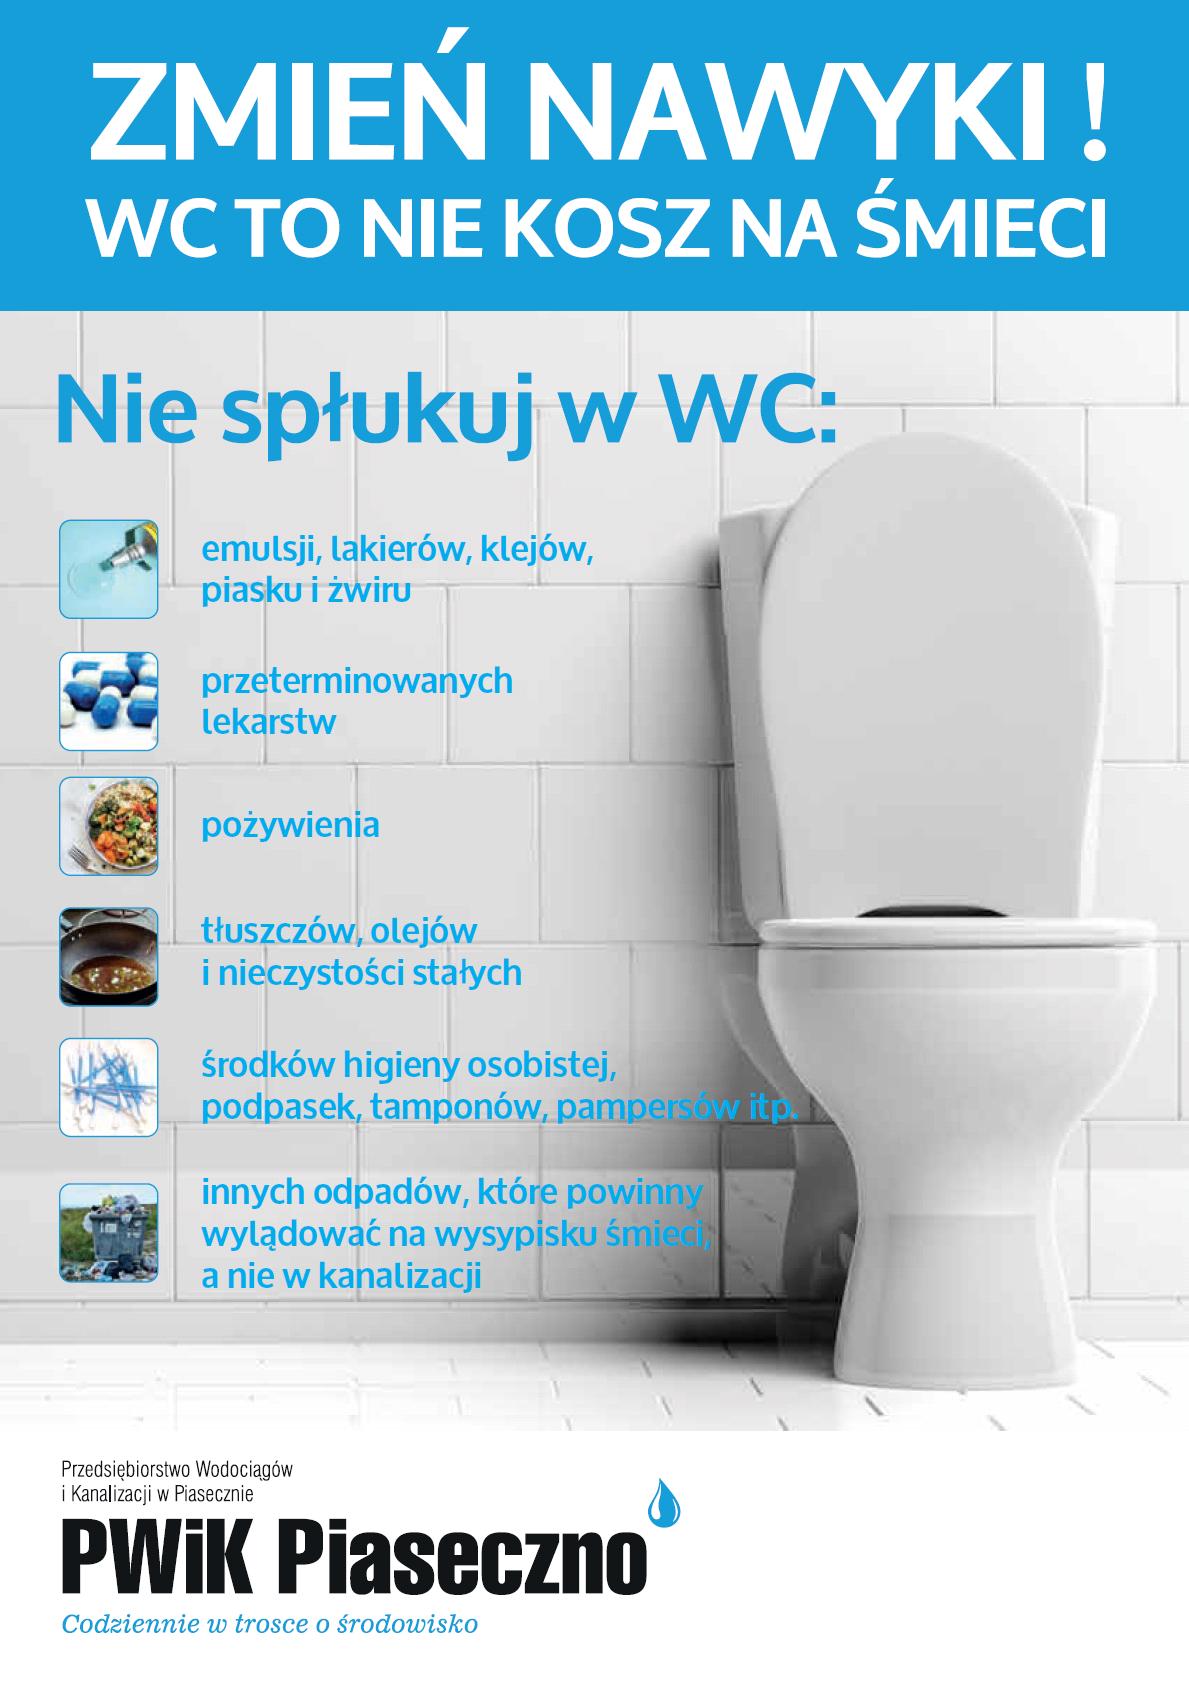 Zmień nawyki - WC to nie kosz na śmieci. Nie spłukuj w WC: emulsji, lakierów, klejów, piasku, żwiru, przeterminowanych leków, pożywienia, tłuszczów, olejów i nieczystości stałych, środków higieny osobistej, podpasek, tamponów, pampersów i innych